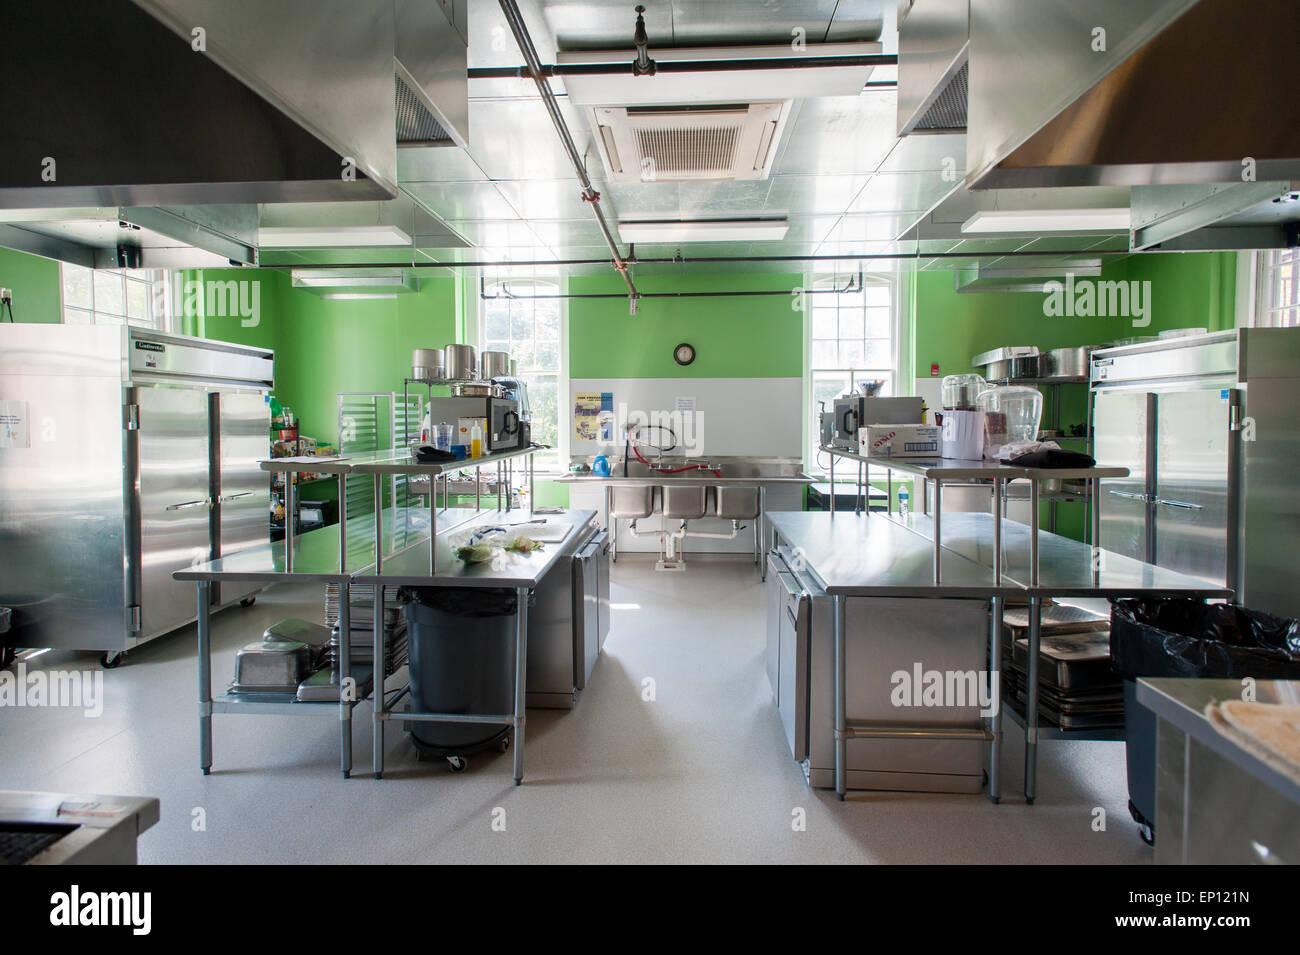 Institutionellen Küche mit hellen grün gestrichenen Wänden und ...